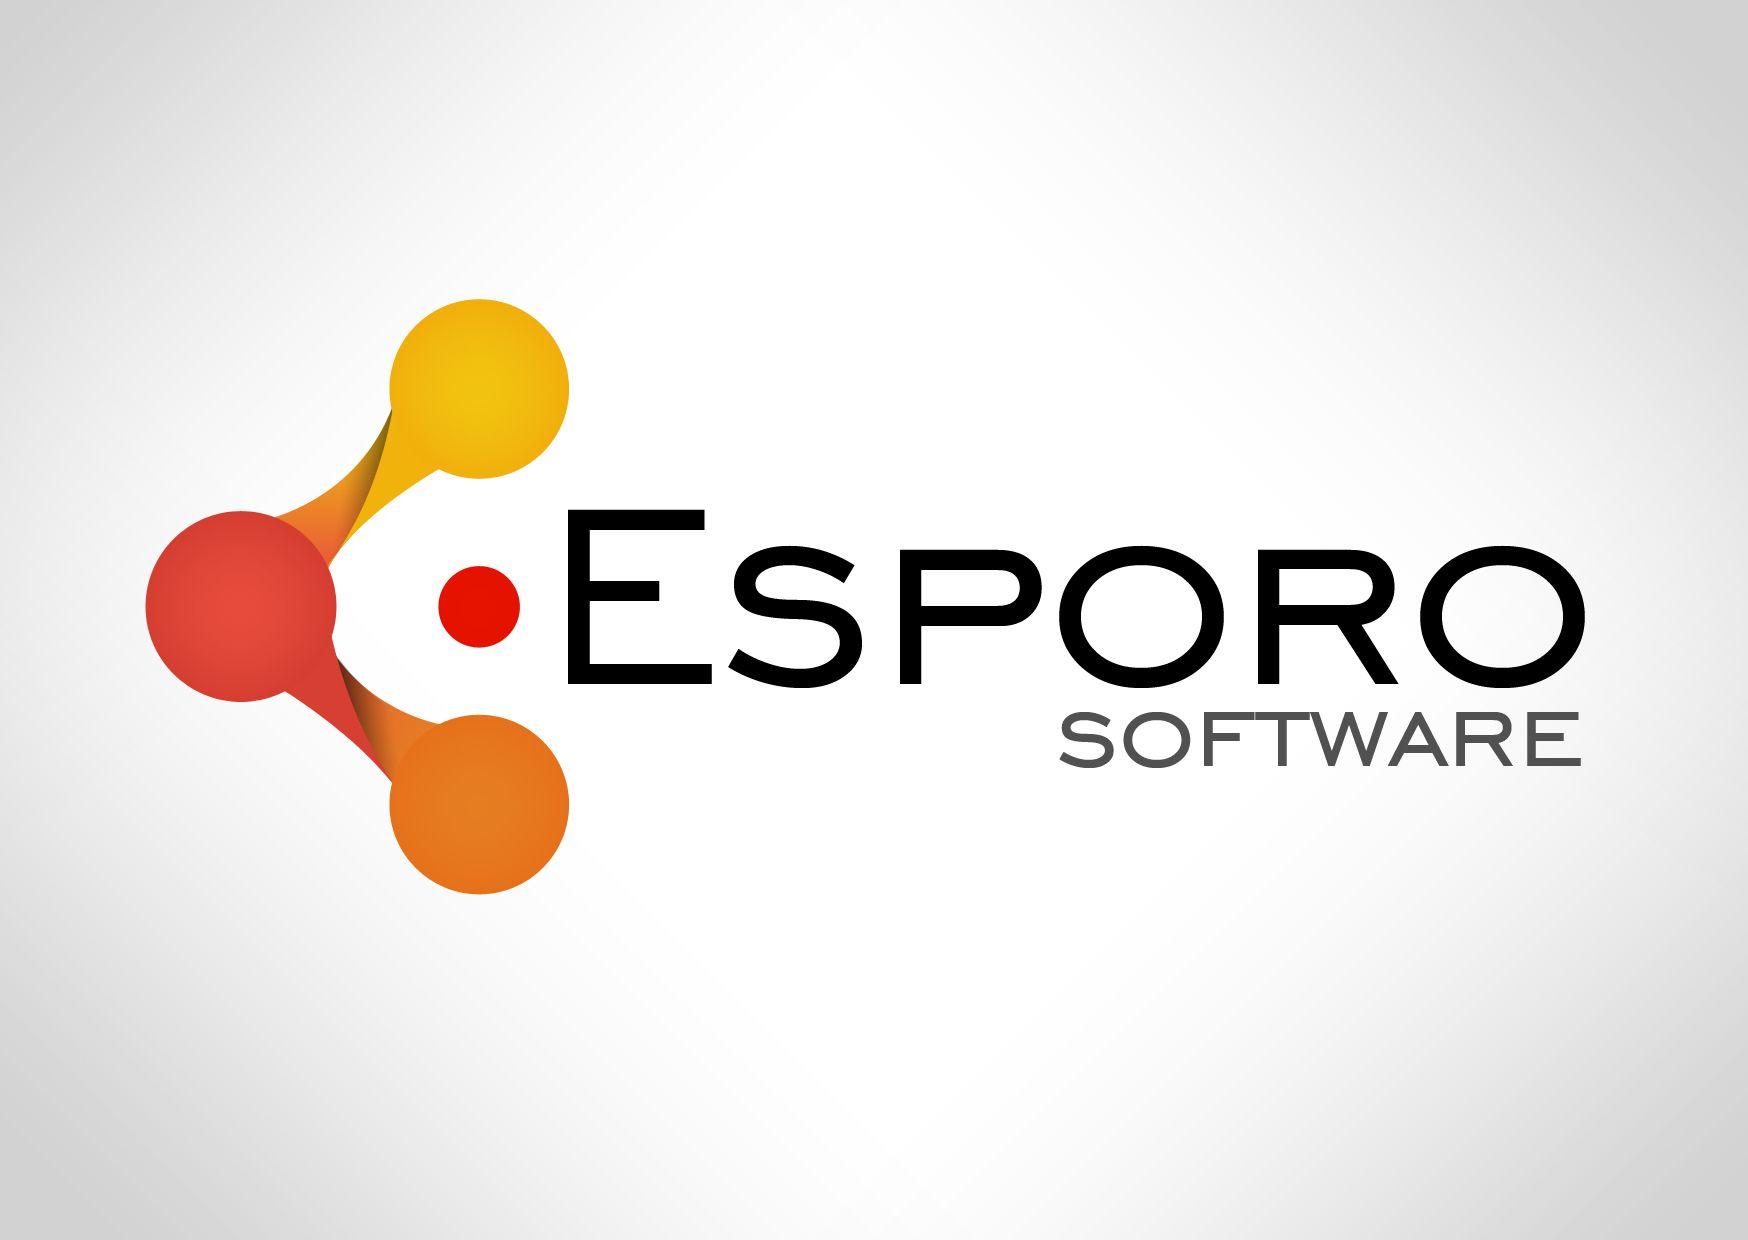 Логотип и фирменный стиль для ИТ-компании - дизайнер Valerius